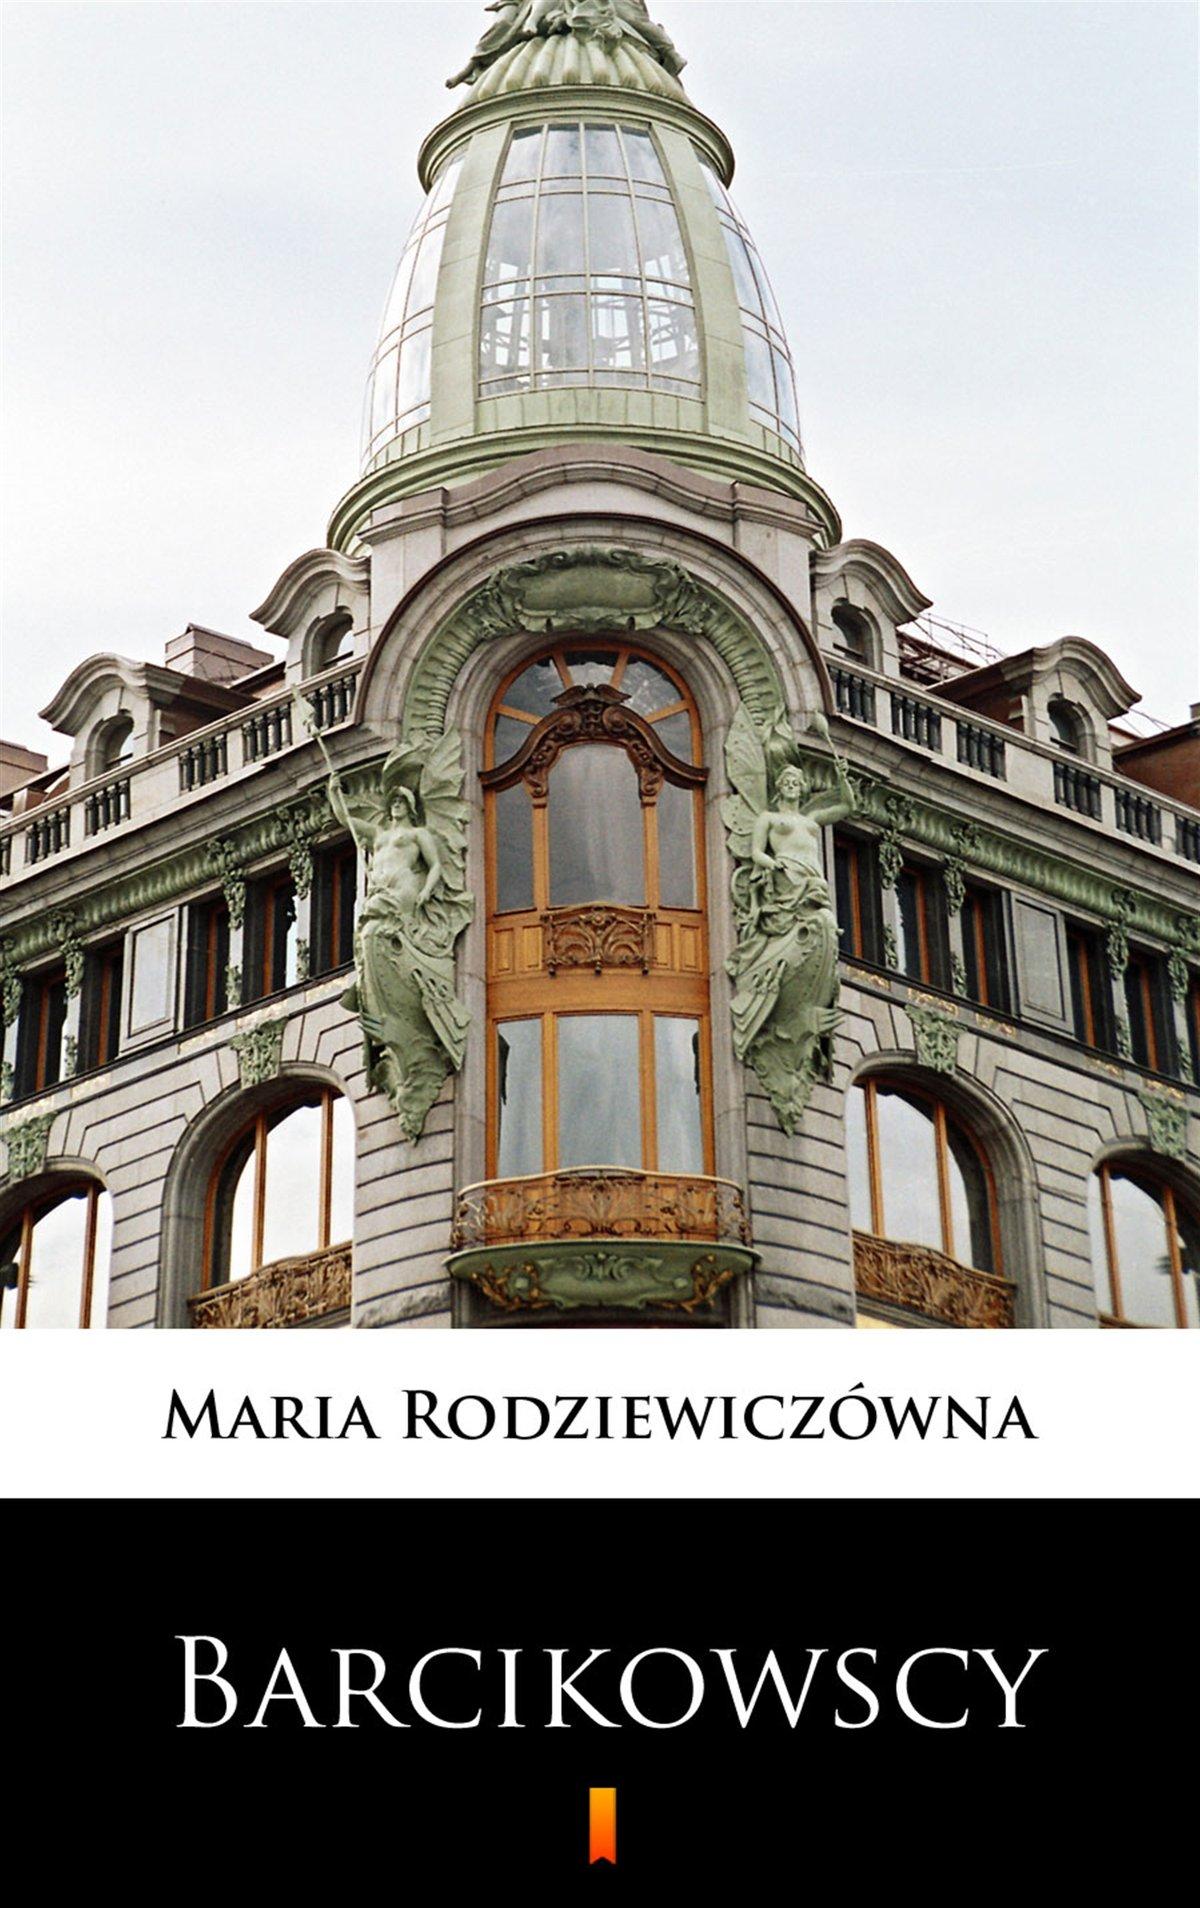 Barcikowscy - Ebook (Książka na Kindle) do pobrania w formacie MOBI